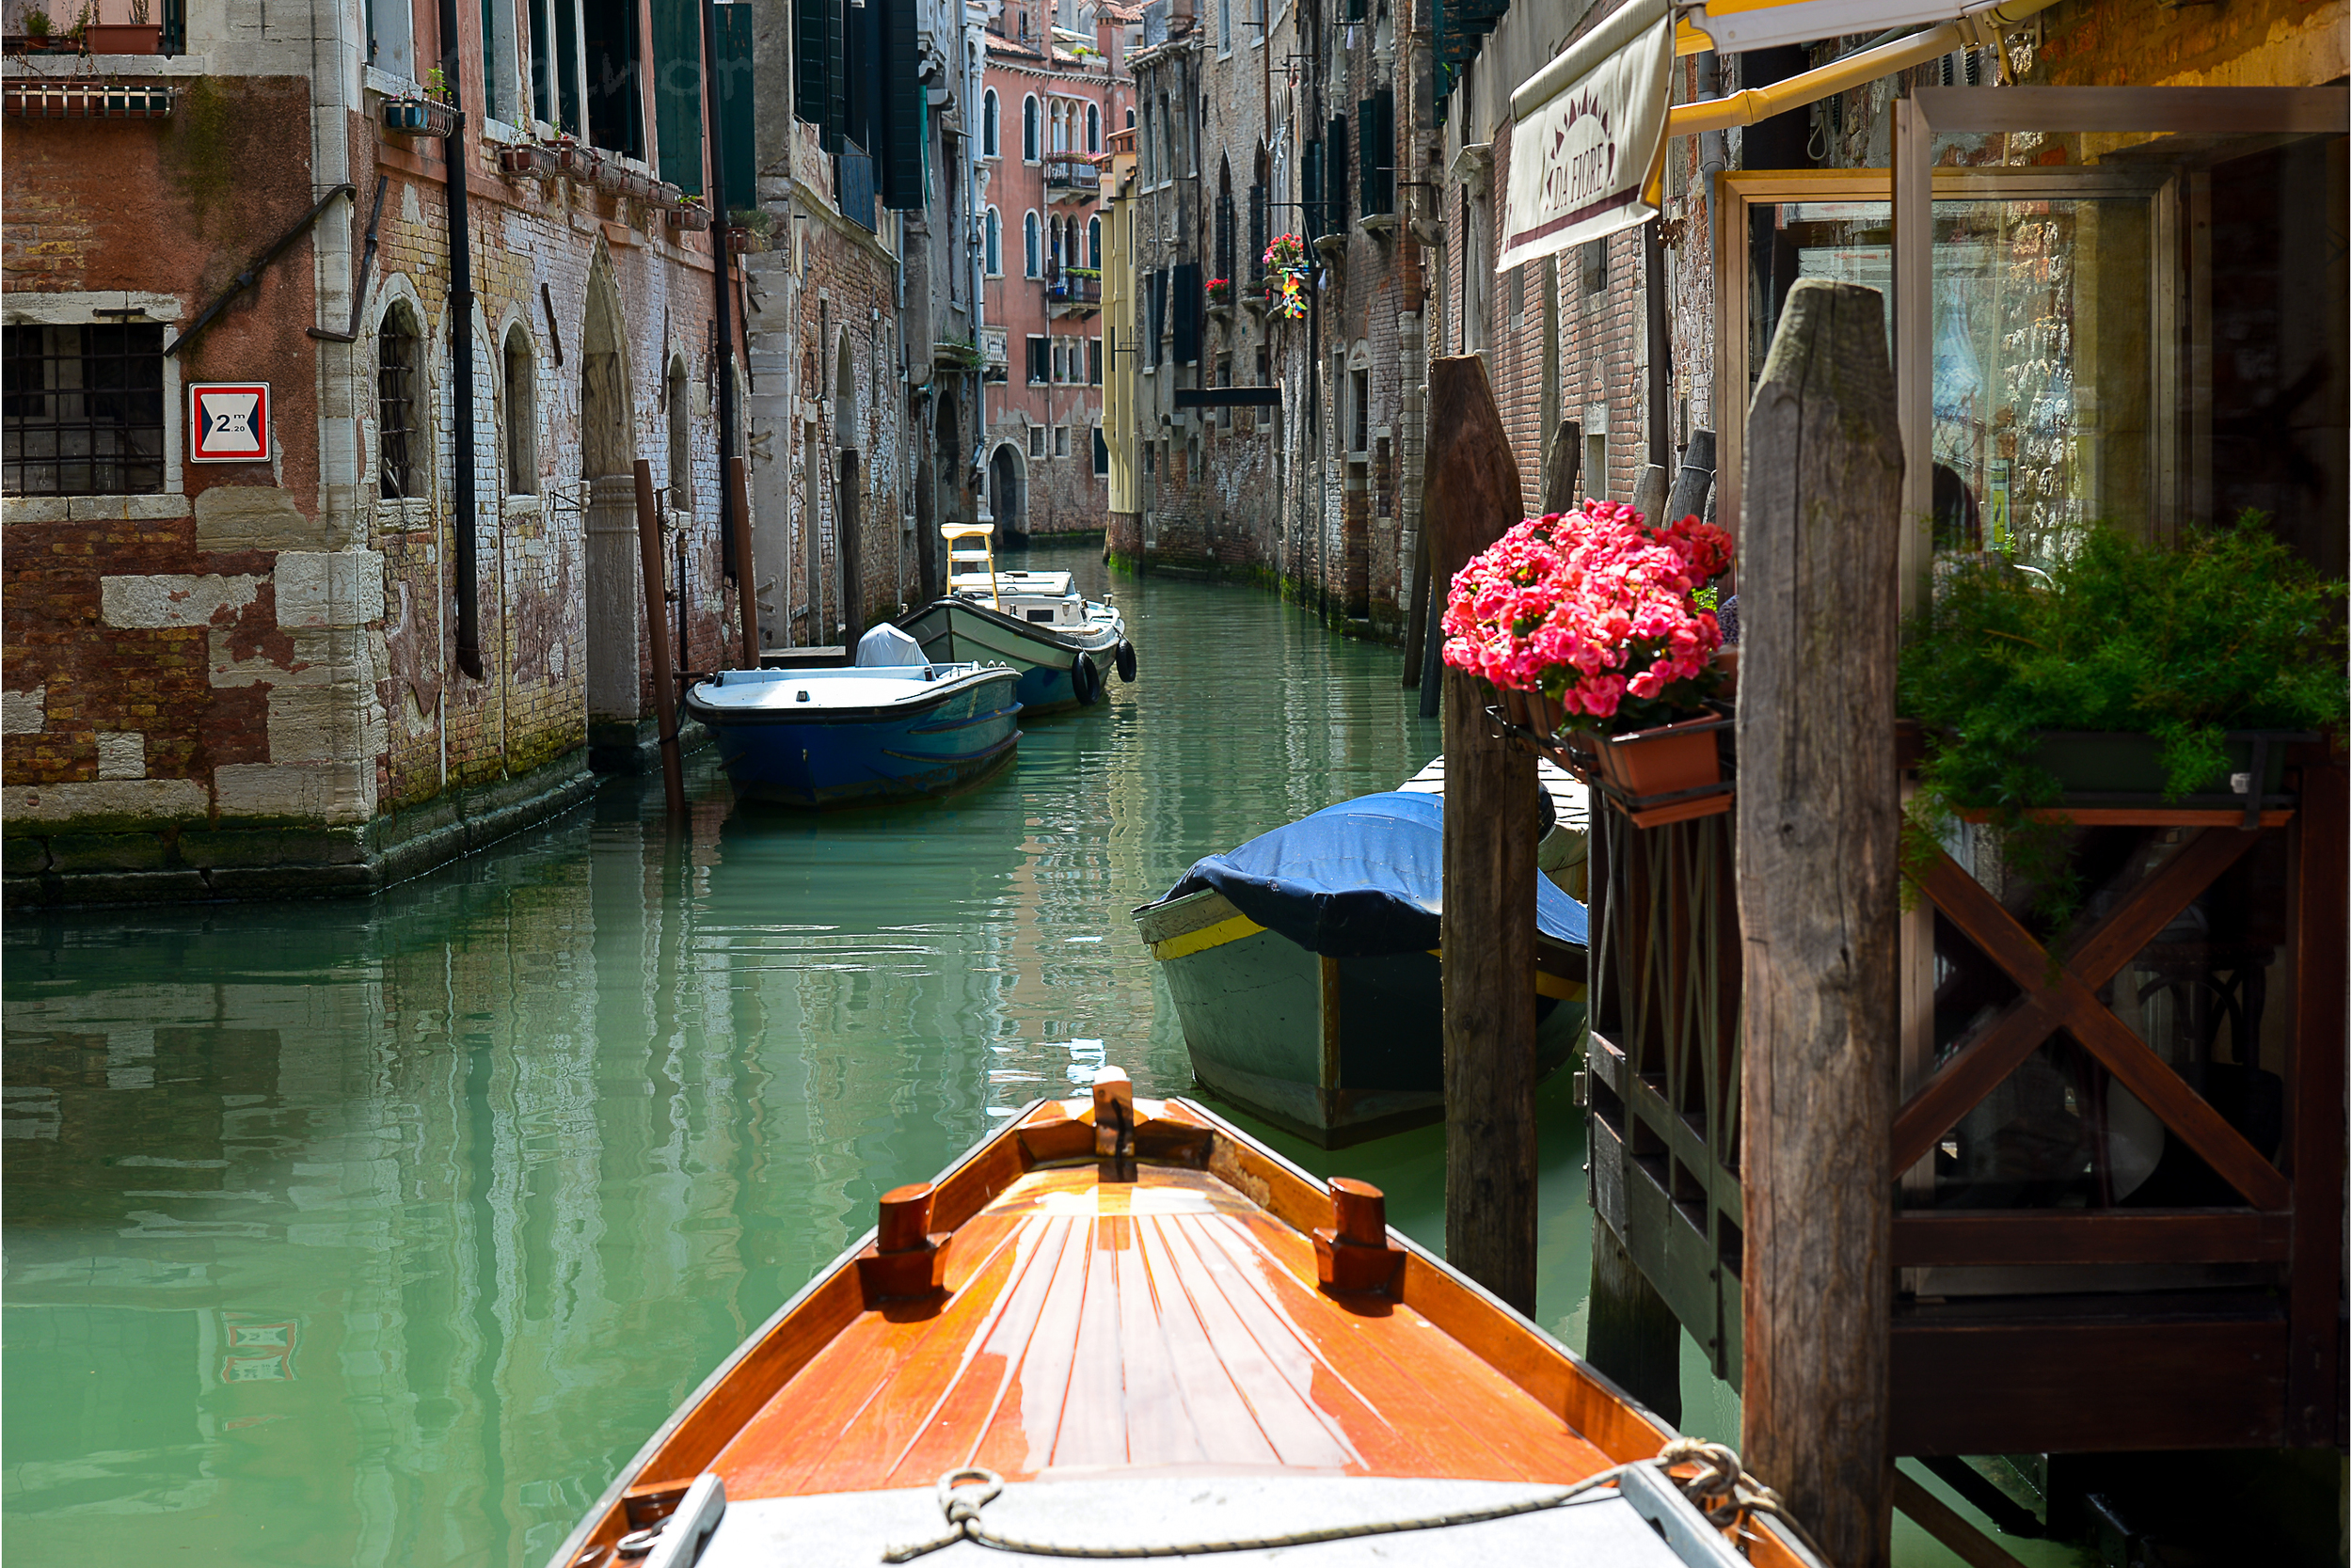 RTW Italy Venice 1 Canal wm.jpg